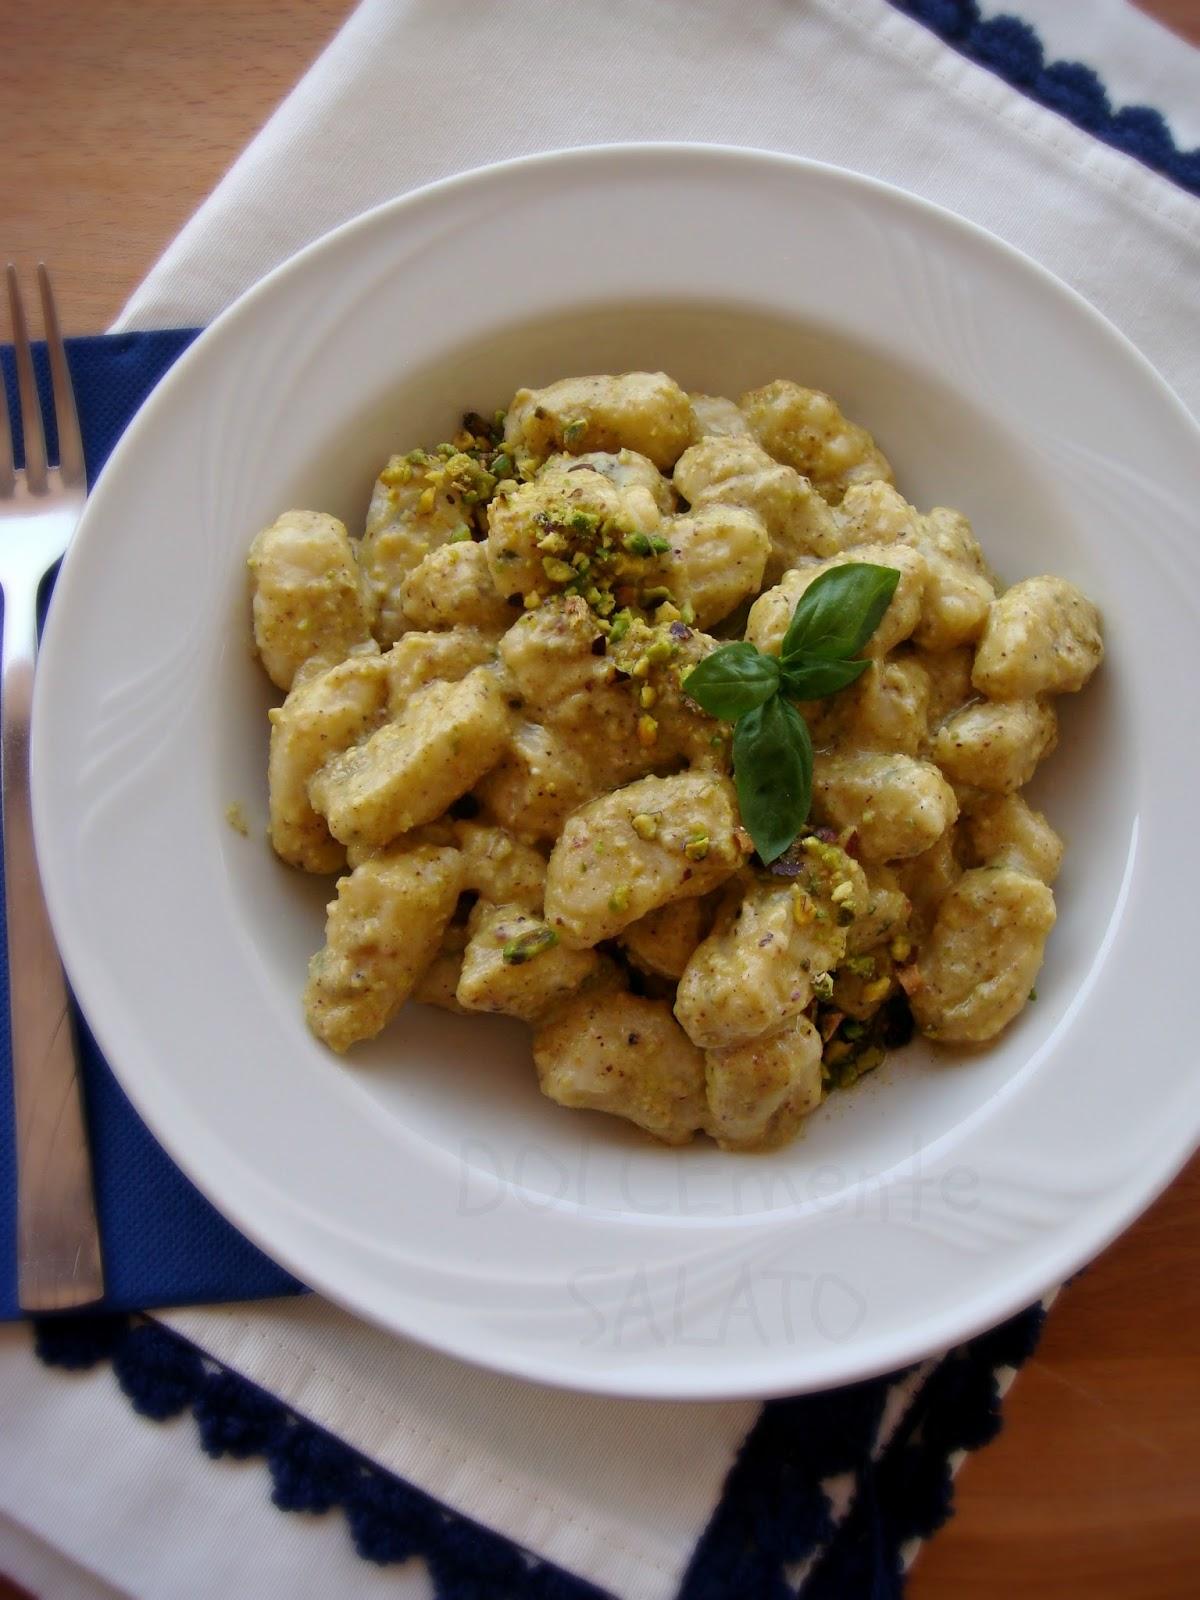 Ricetta Gnocchi Ricotta Montersino.Dolcemente Salato Gnocchi Di Ricotta Con Pesto Di Pistacchio